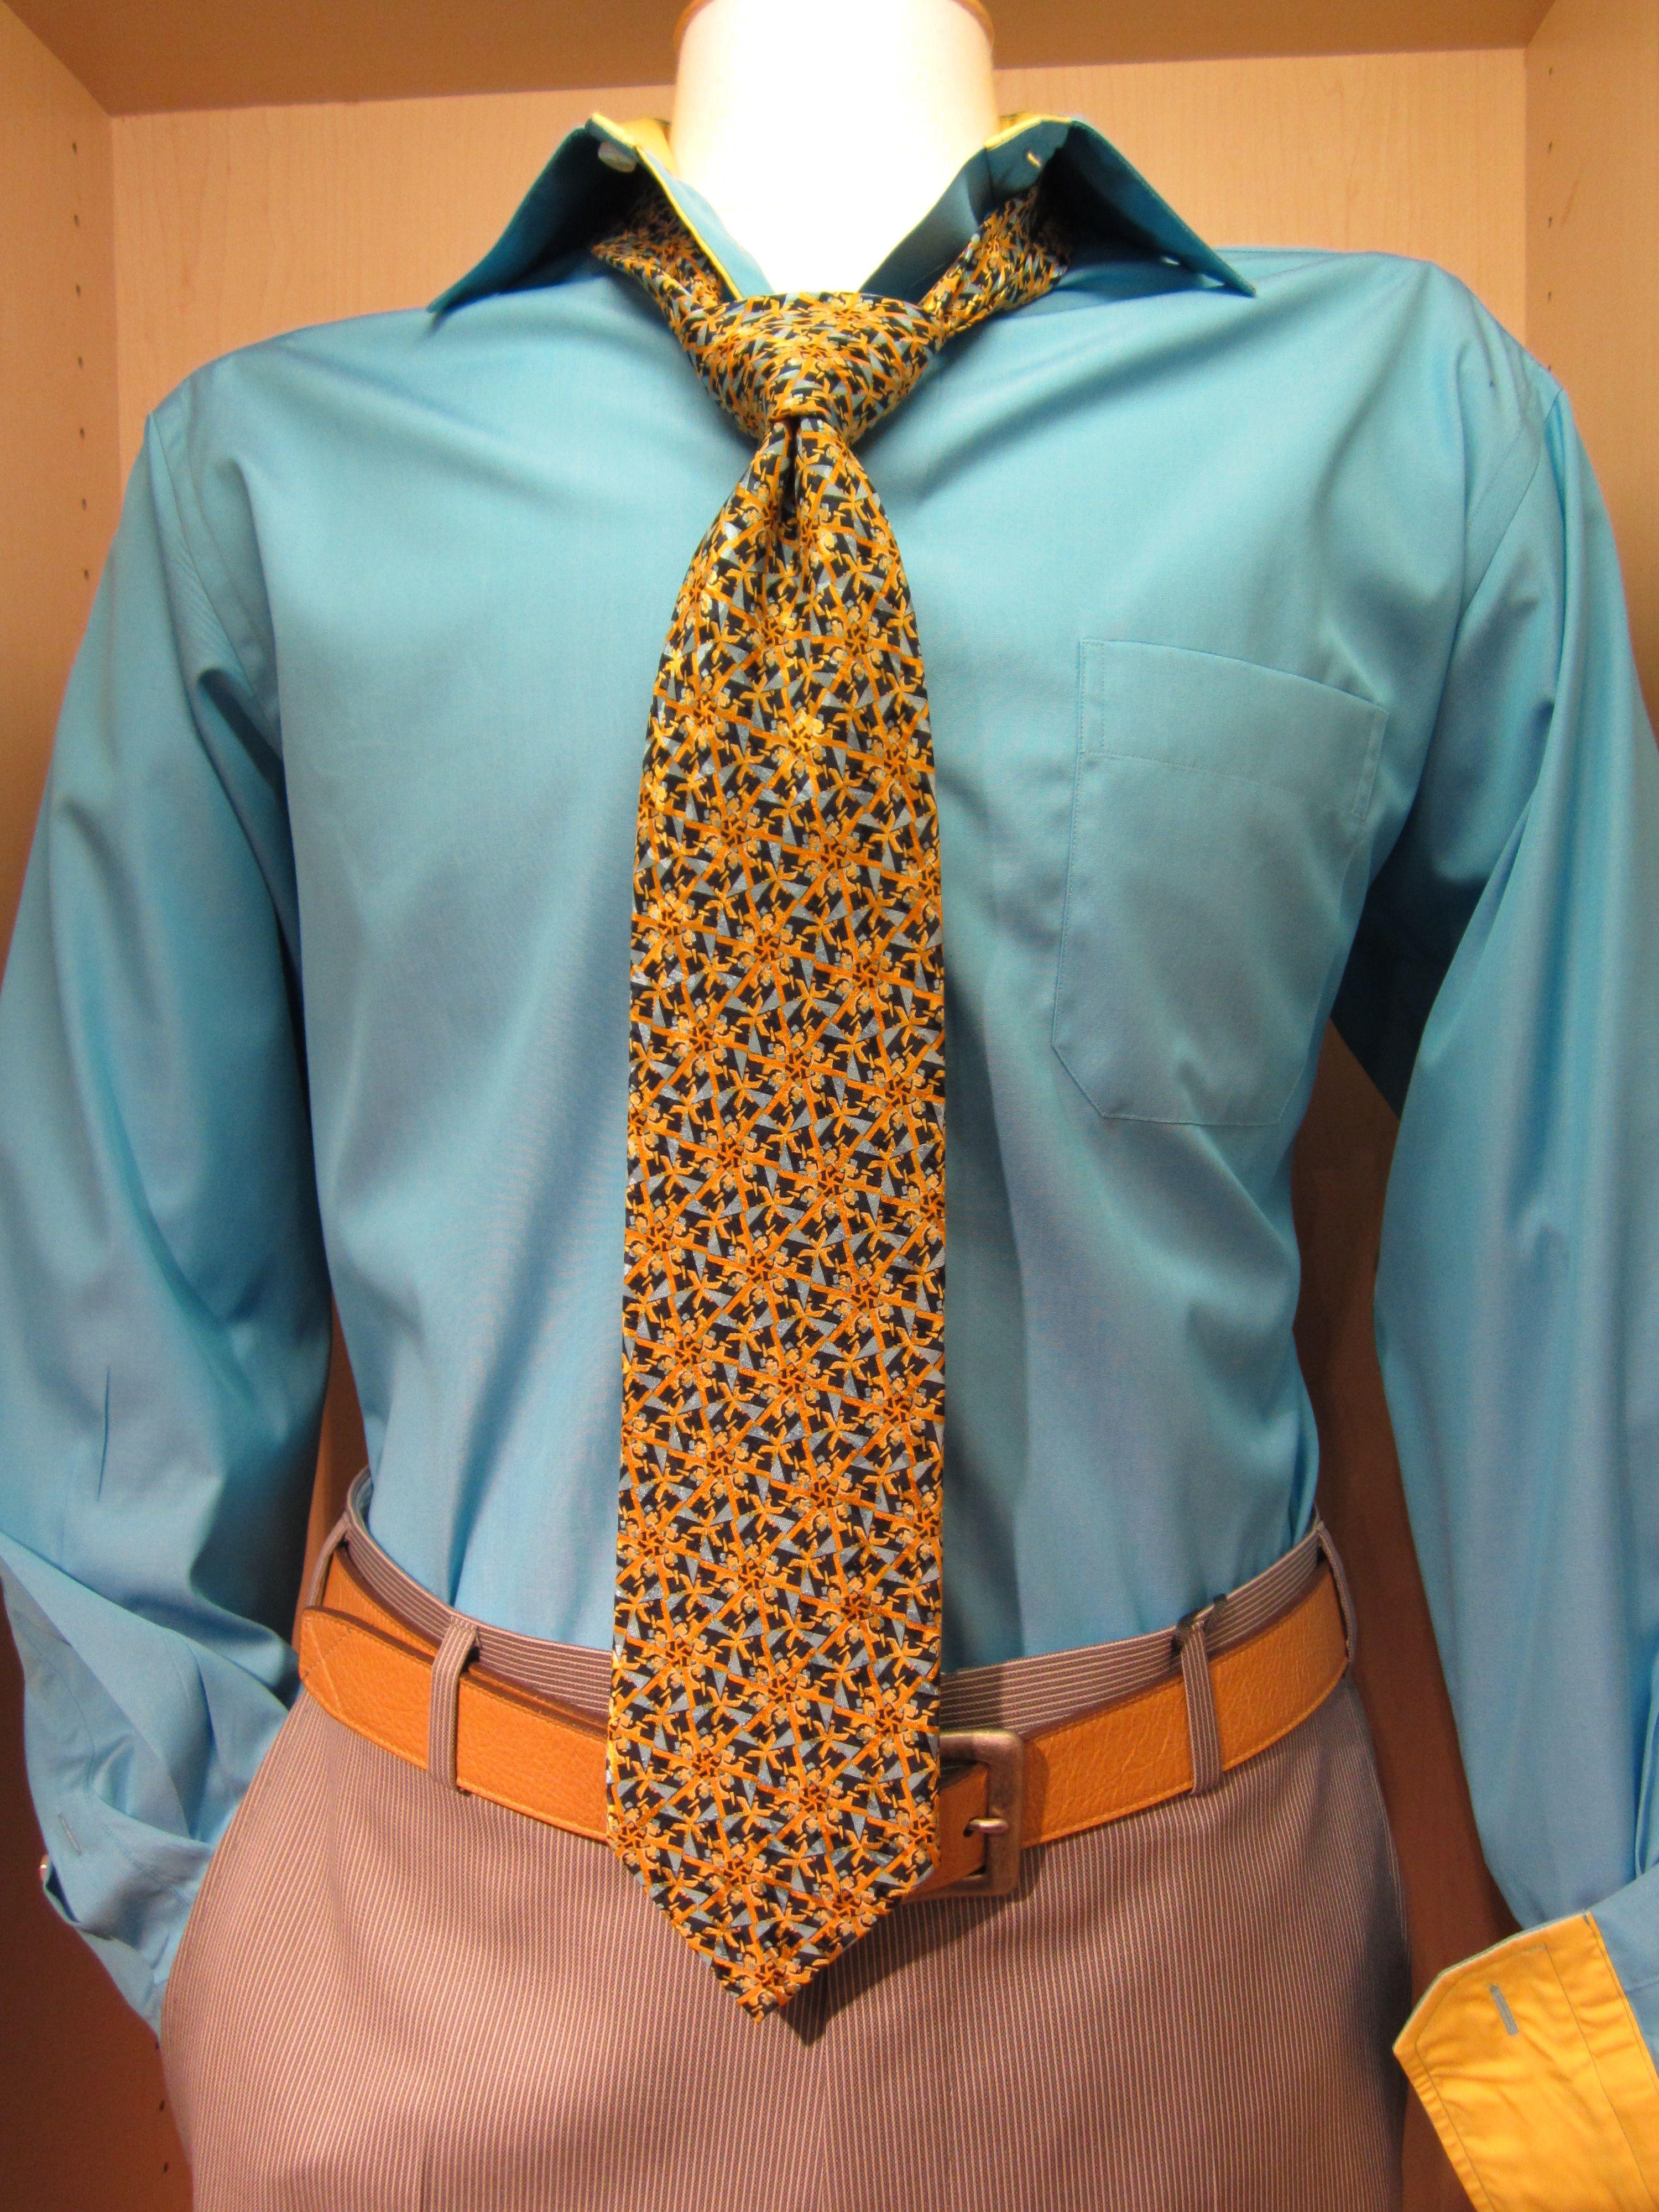 Eton Shirt, David's Master Collection Tie, Torino Belt